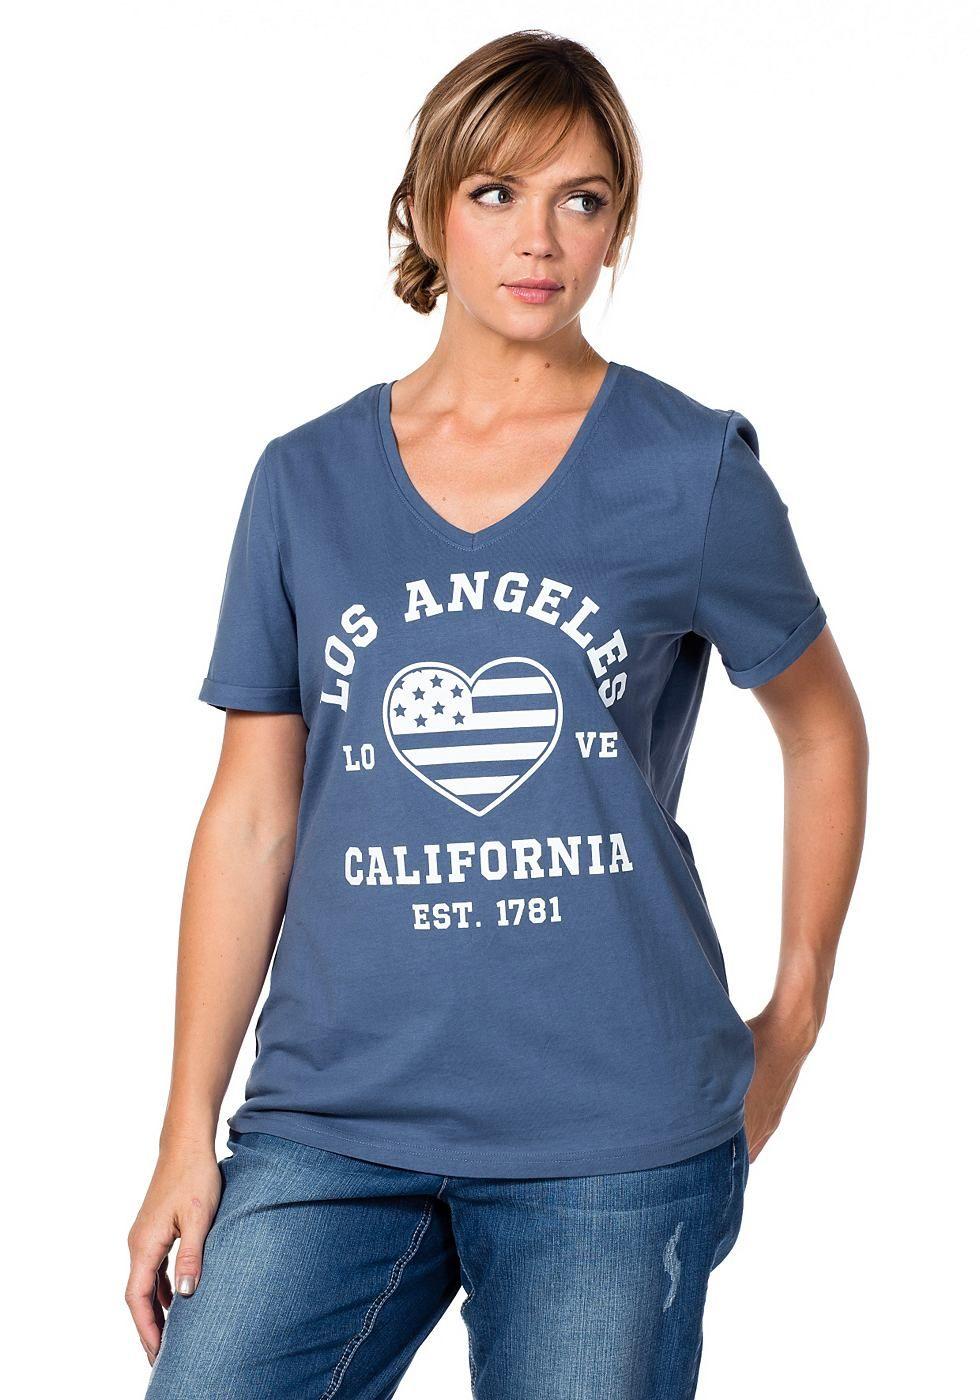 Typ , T-Shirt, |Material , Baumwolle, |Materialzusammensetzung , 100% Baumwolle, |Ausschnitt , V-Ausschnitt, |Optik , Mit Druck vorne, |Gesamtlänge , Größenangepasste Länge von 66 cm - 76 cm, |Ärmellänge , Kurze Ärmel, | ...